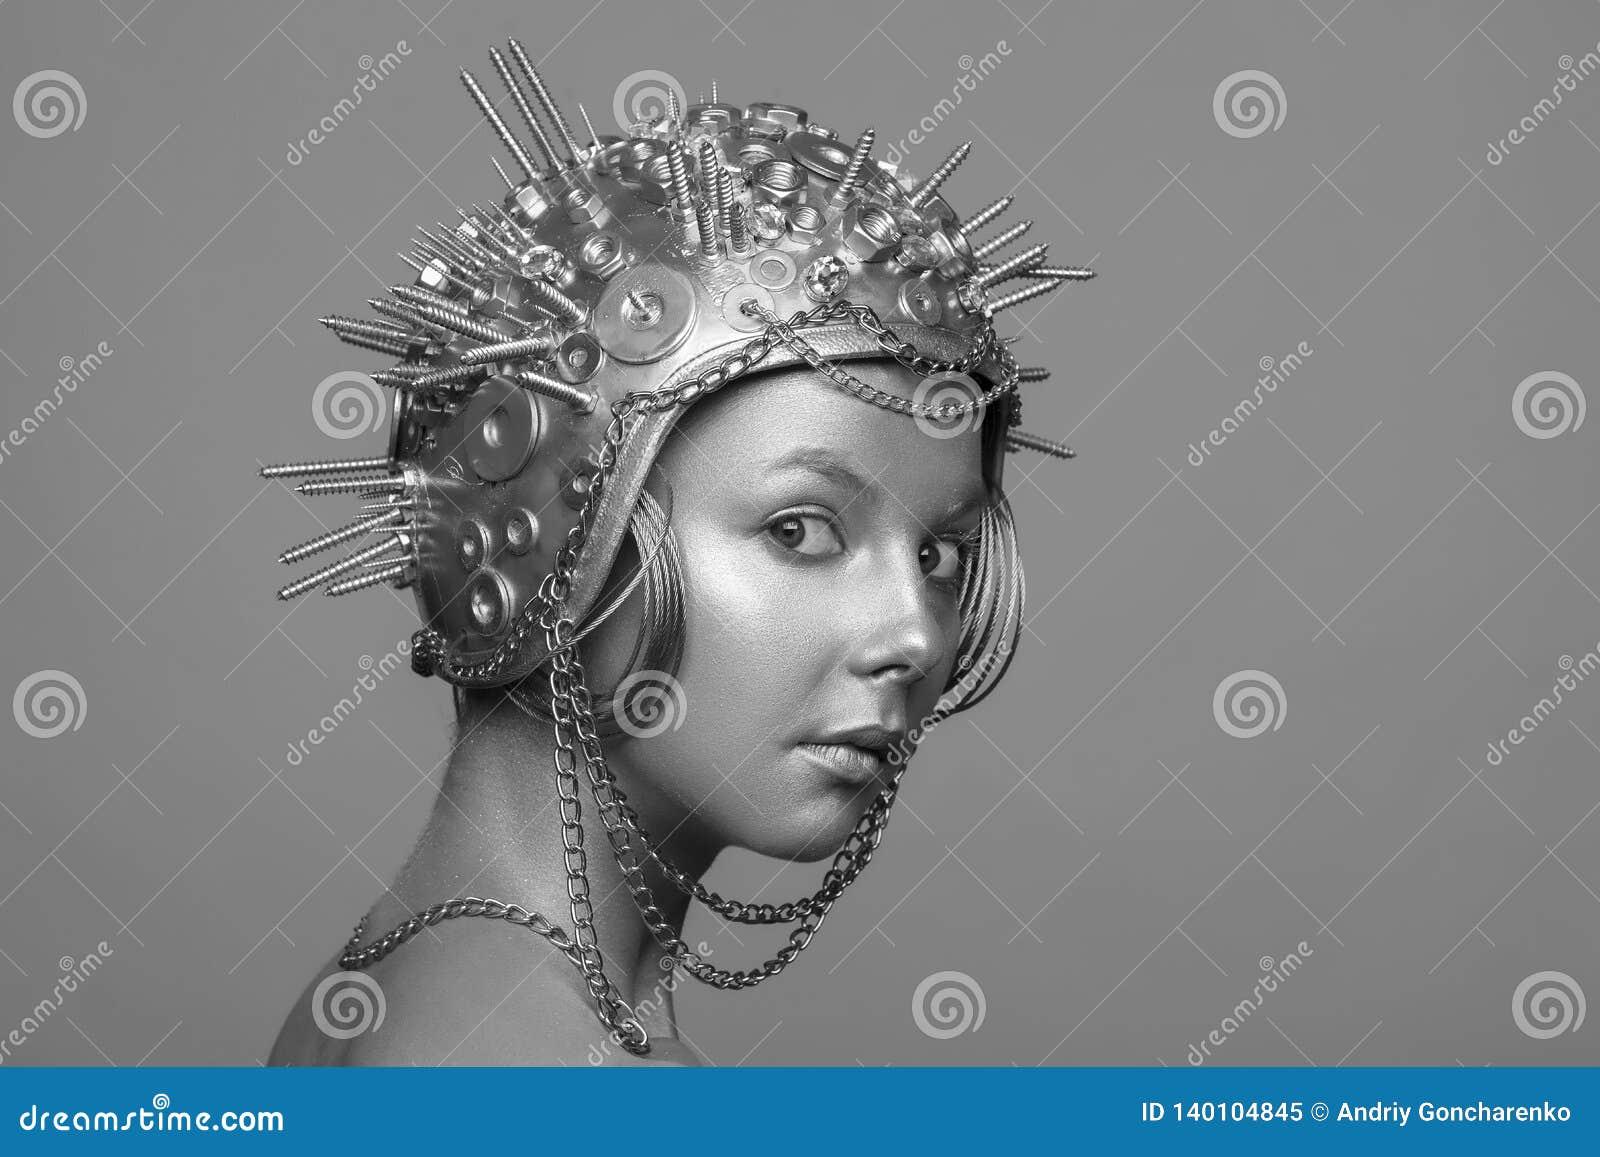 Futuristische vrouw in metaalhelm met schroeven, noten en kettingen